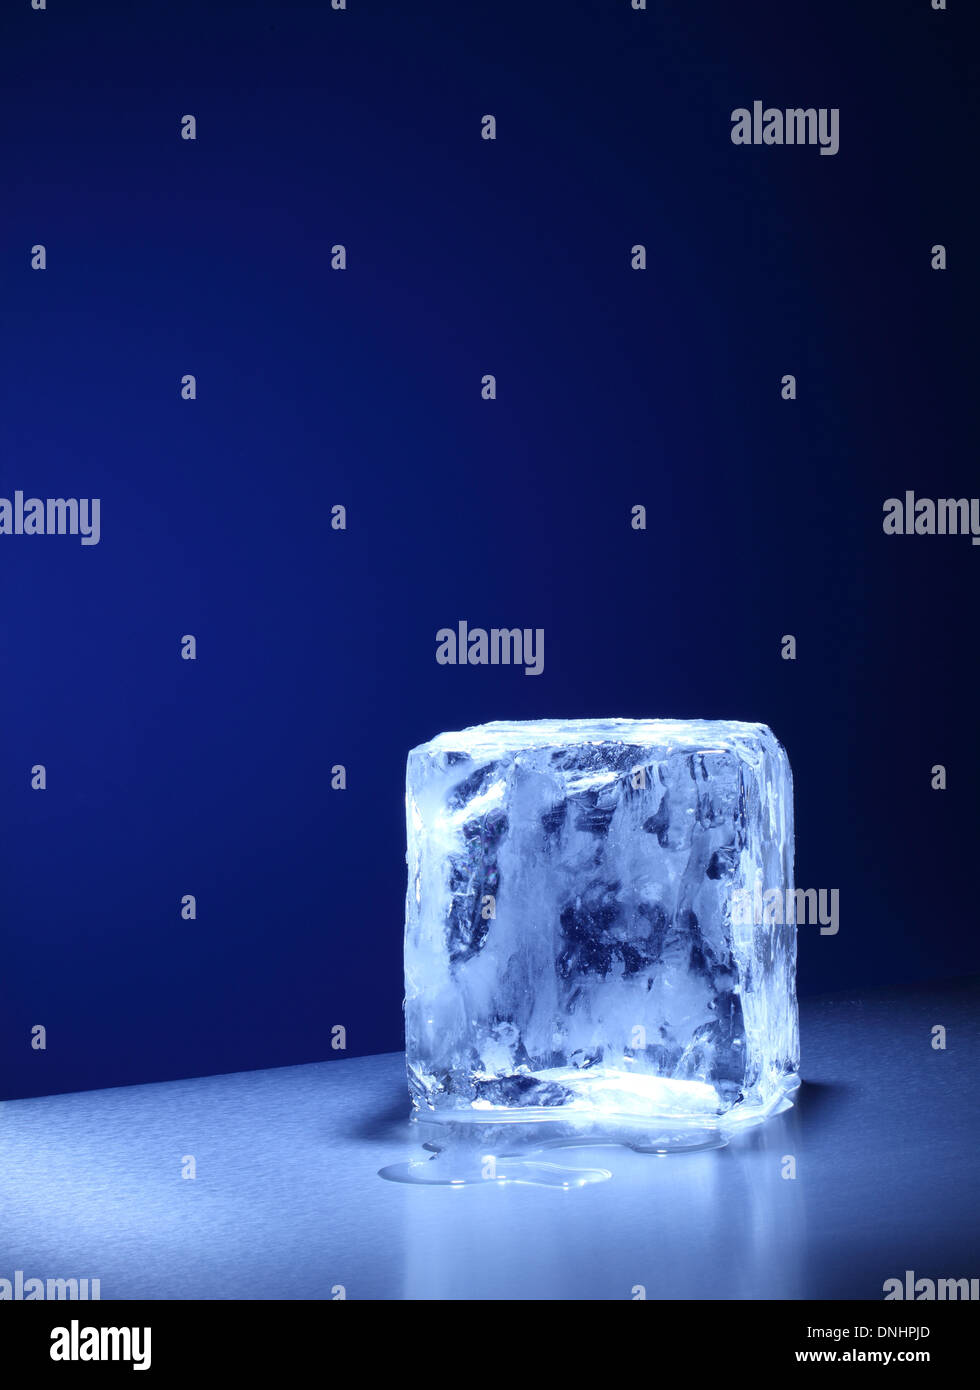 Una grande piazza cube / blocco di ghiaccio lentamente la fusione. Immagini Stock